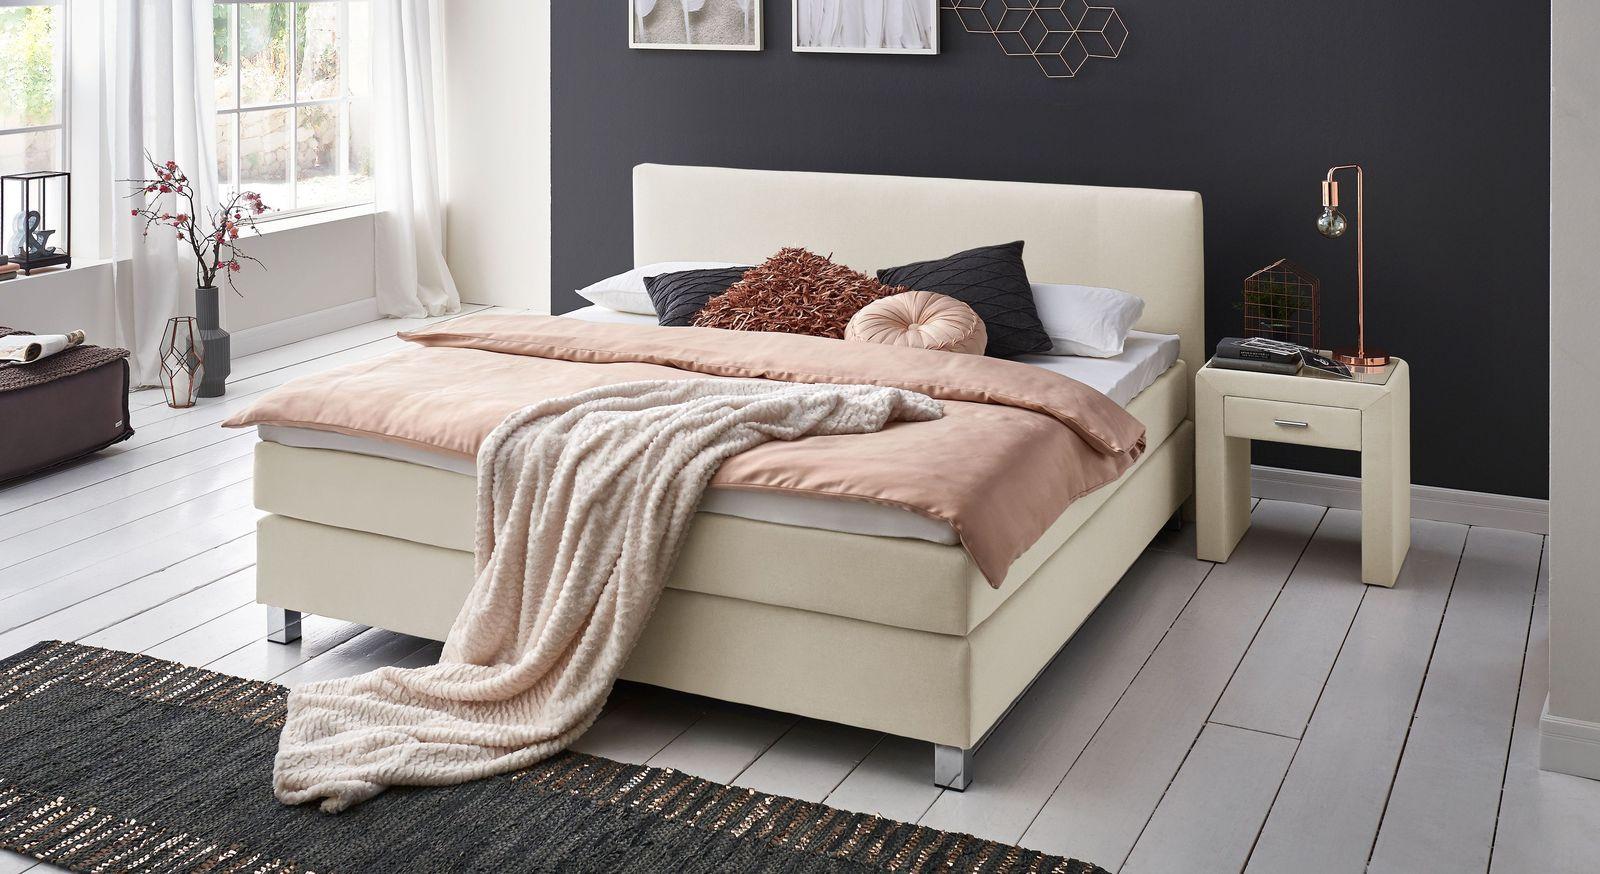 Dieses Bett Steht In Zwei Verschiedenen Höhen (Liegehöhen) In  Standardgrößen Von 100x200cm Bis 200x200cm Zur Verfügung (53cm / 66cm),  Drei Varianten Für Den ...